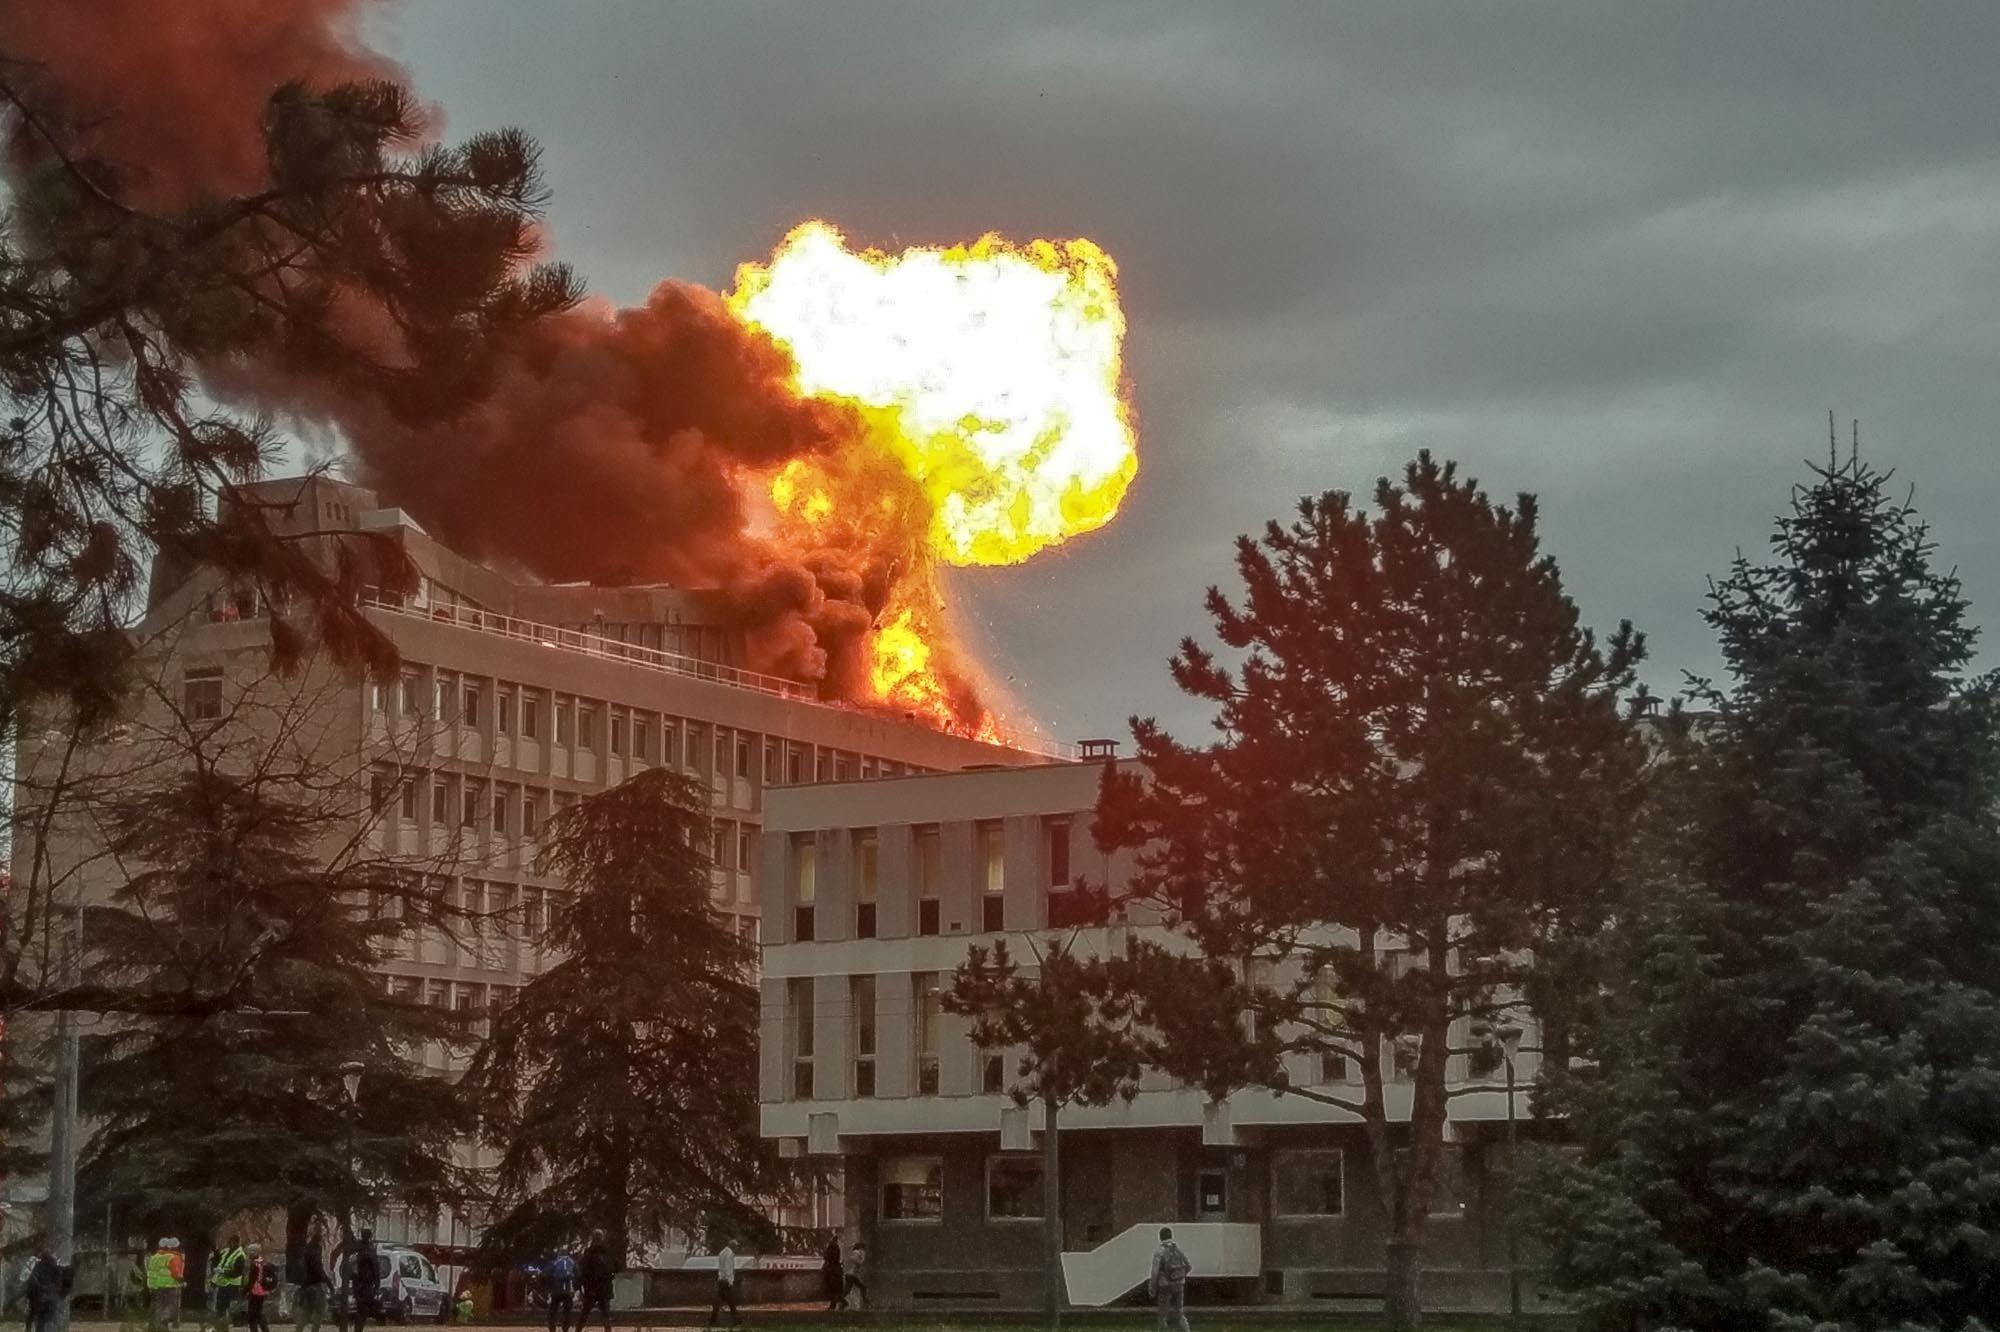 incendie campus 1 villeurbanne